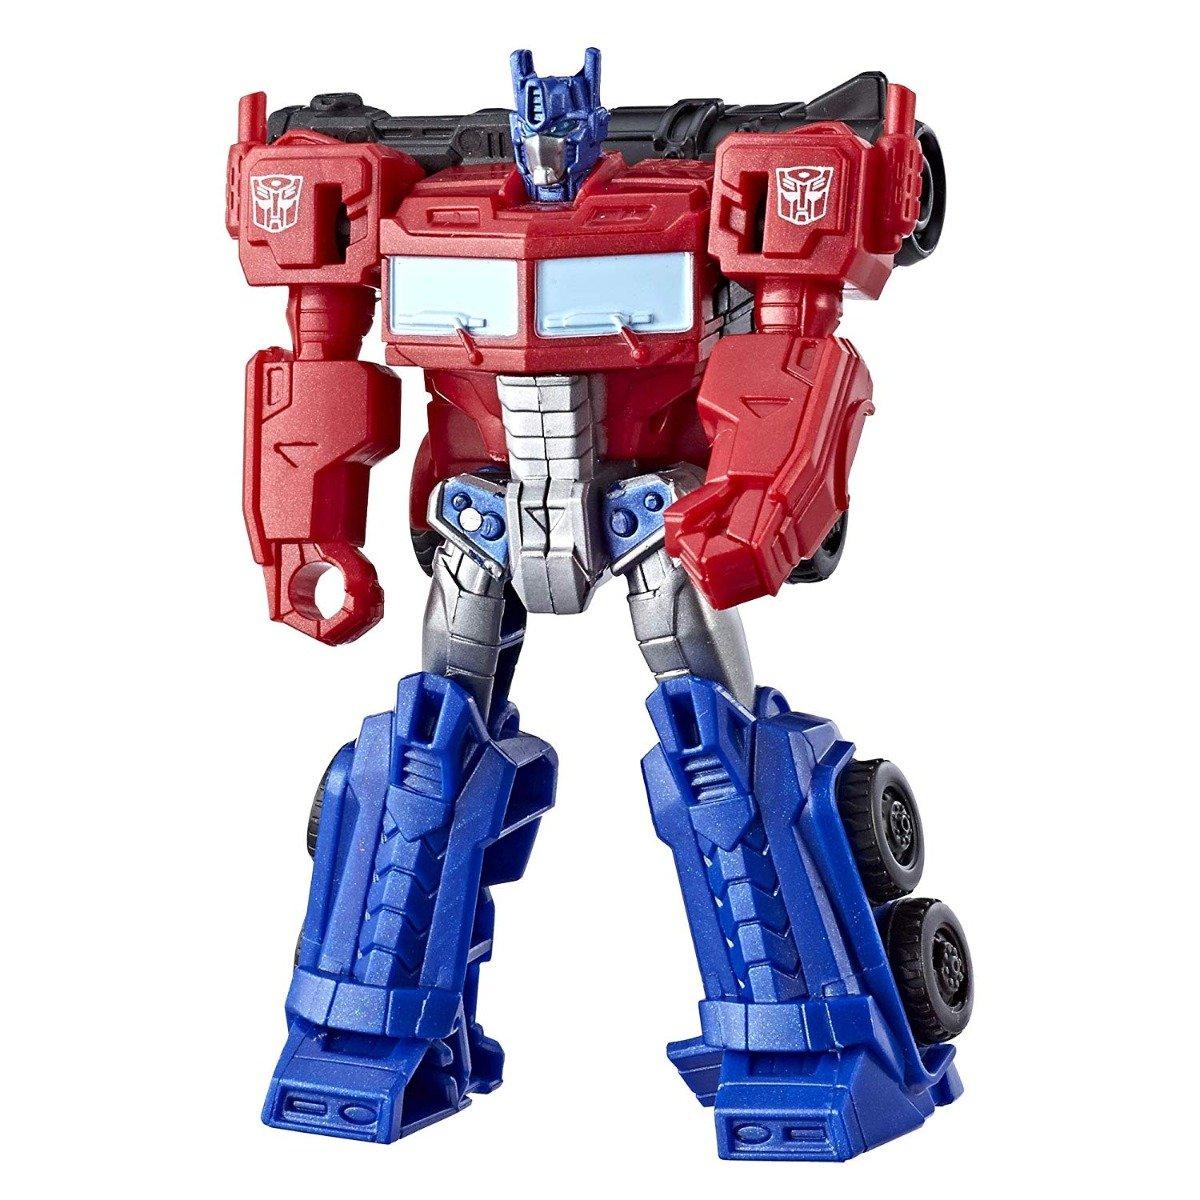 Figurina Transformers Cyberverse Scout, Optimus Prime, 1897